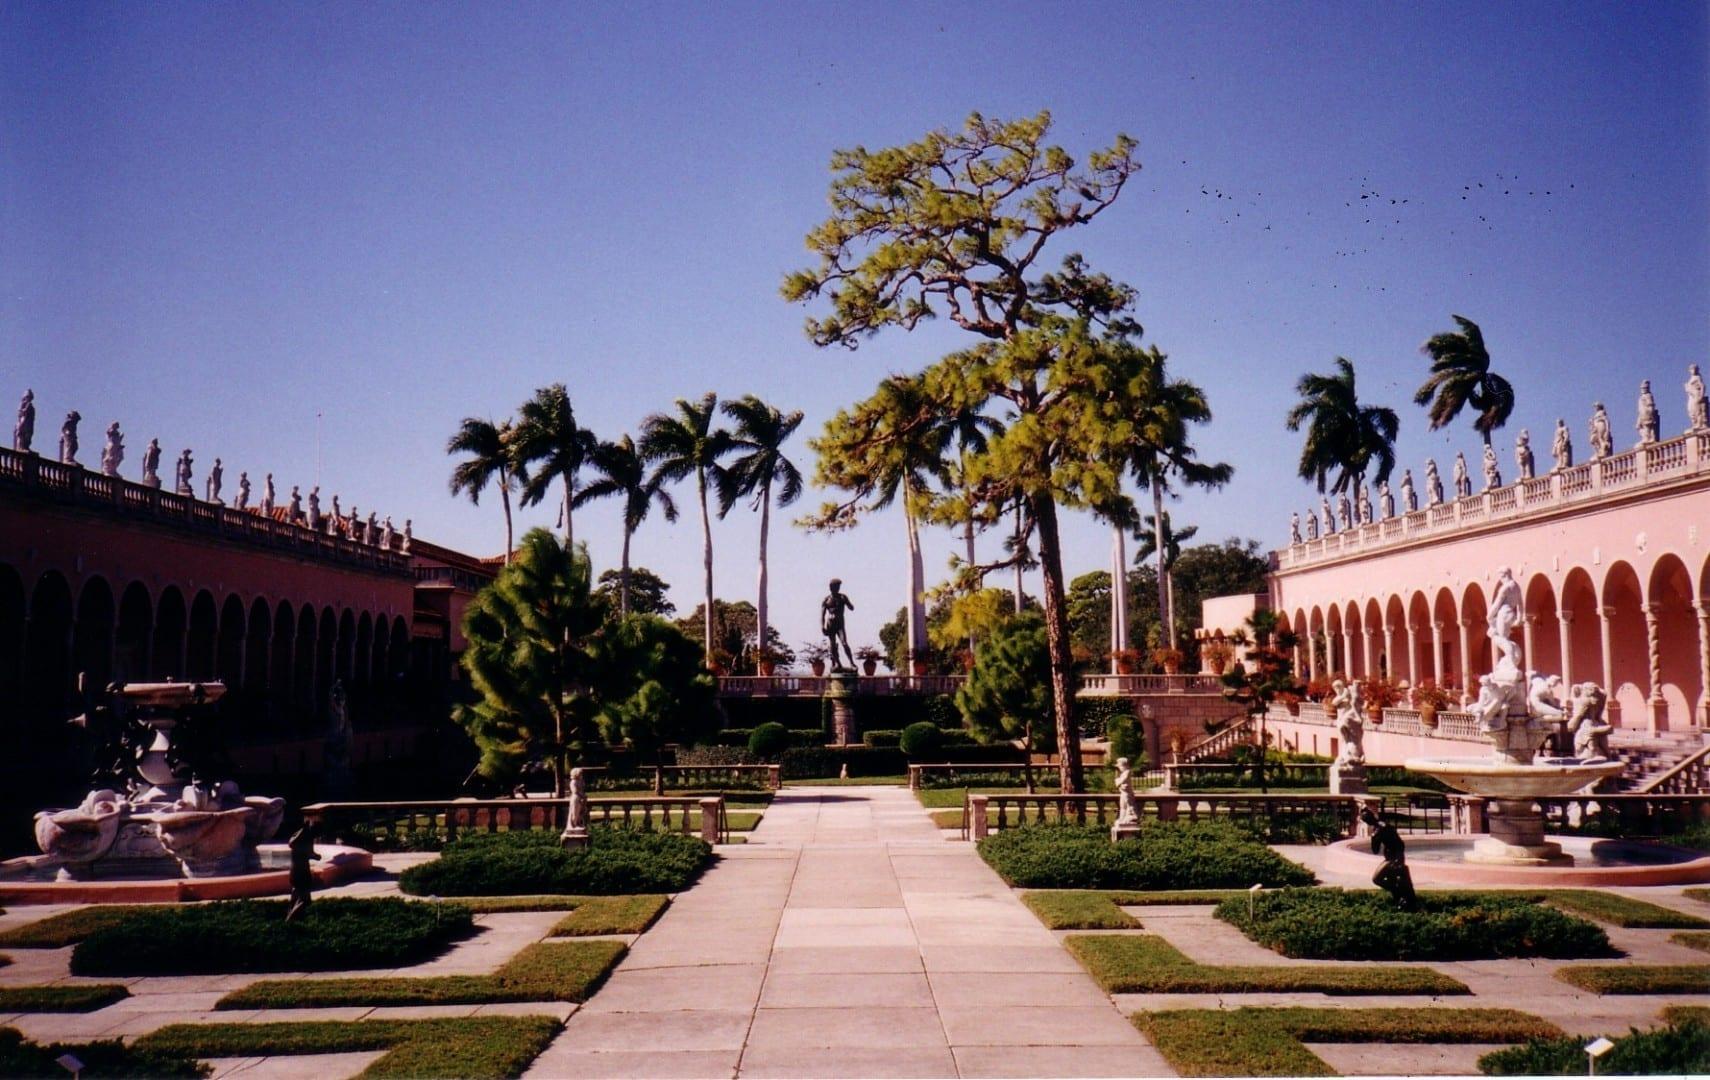 El jardín de la mansión Cà d'Zan Sarasota FL Estados Unidos